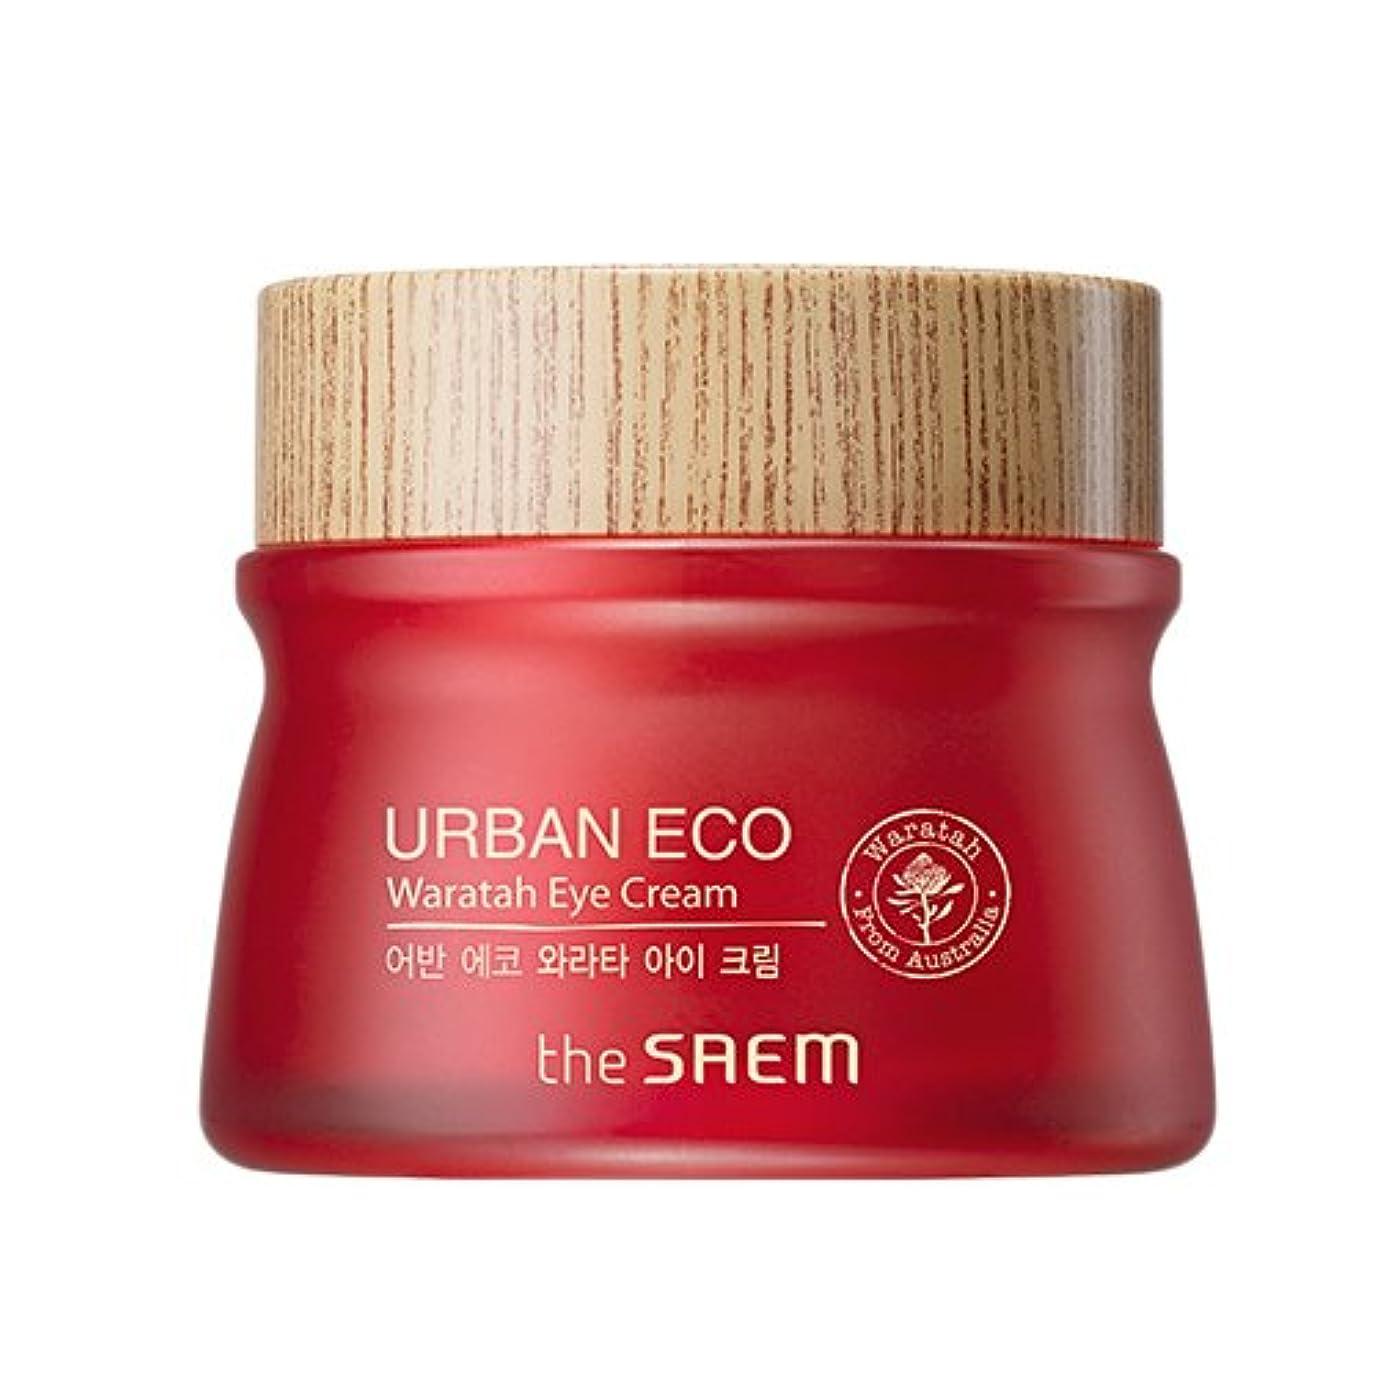 配当素朴なモールドセム アーバンエコワラターアイクリーム 30ml Urban Eco Waratah Eye Cream [並行輸入品]